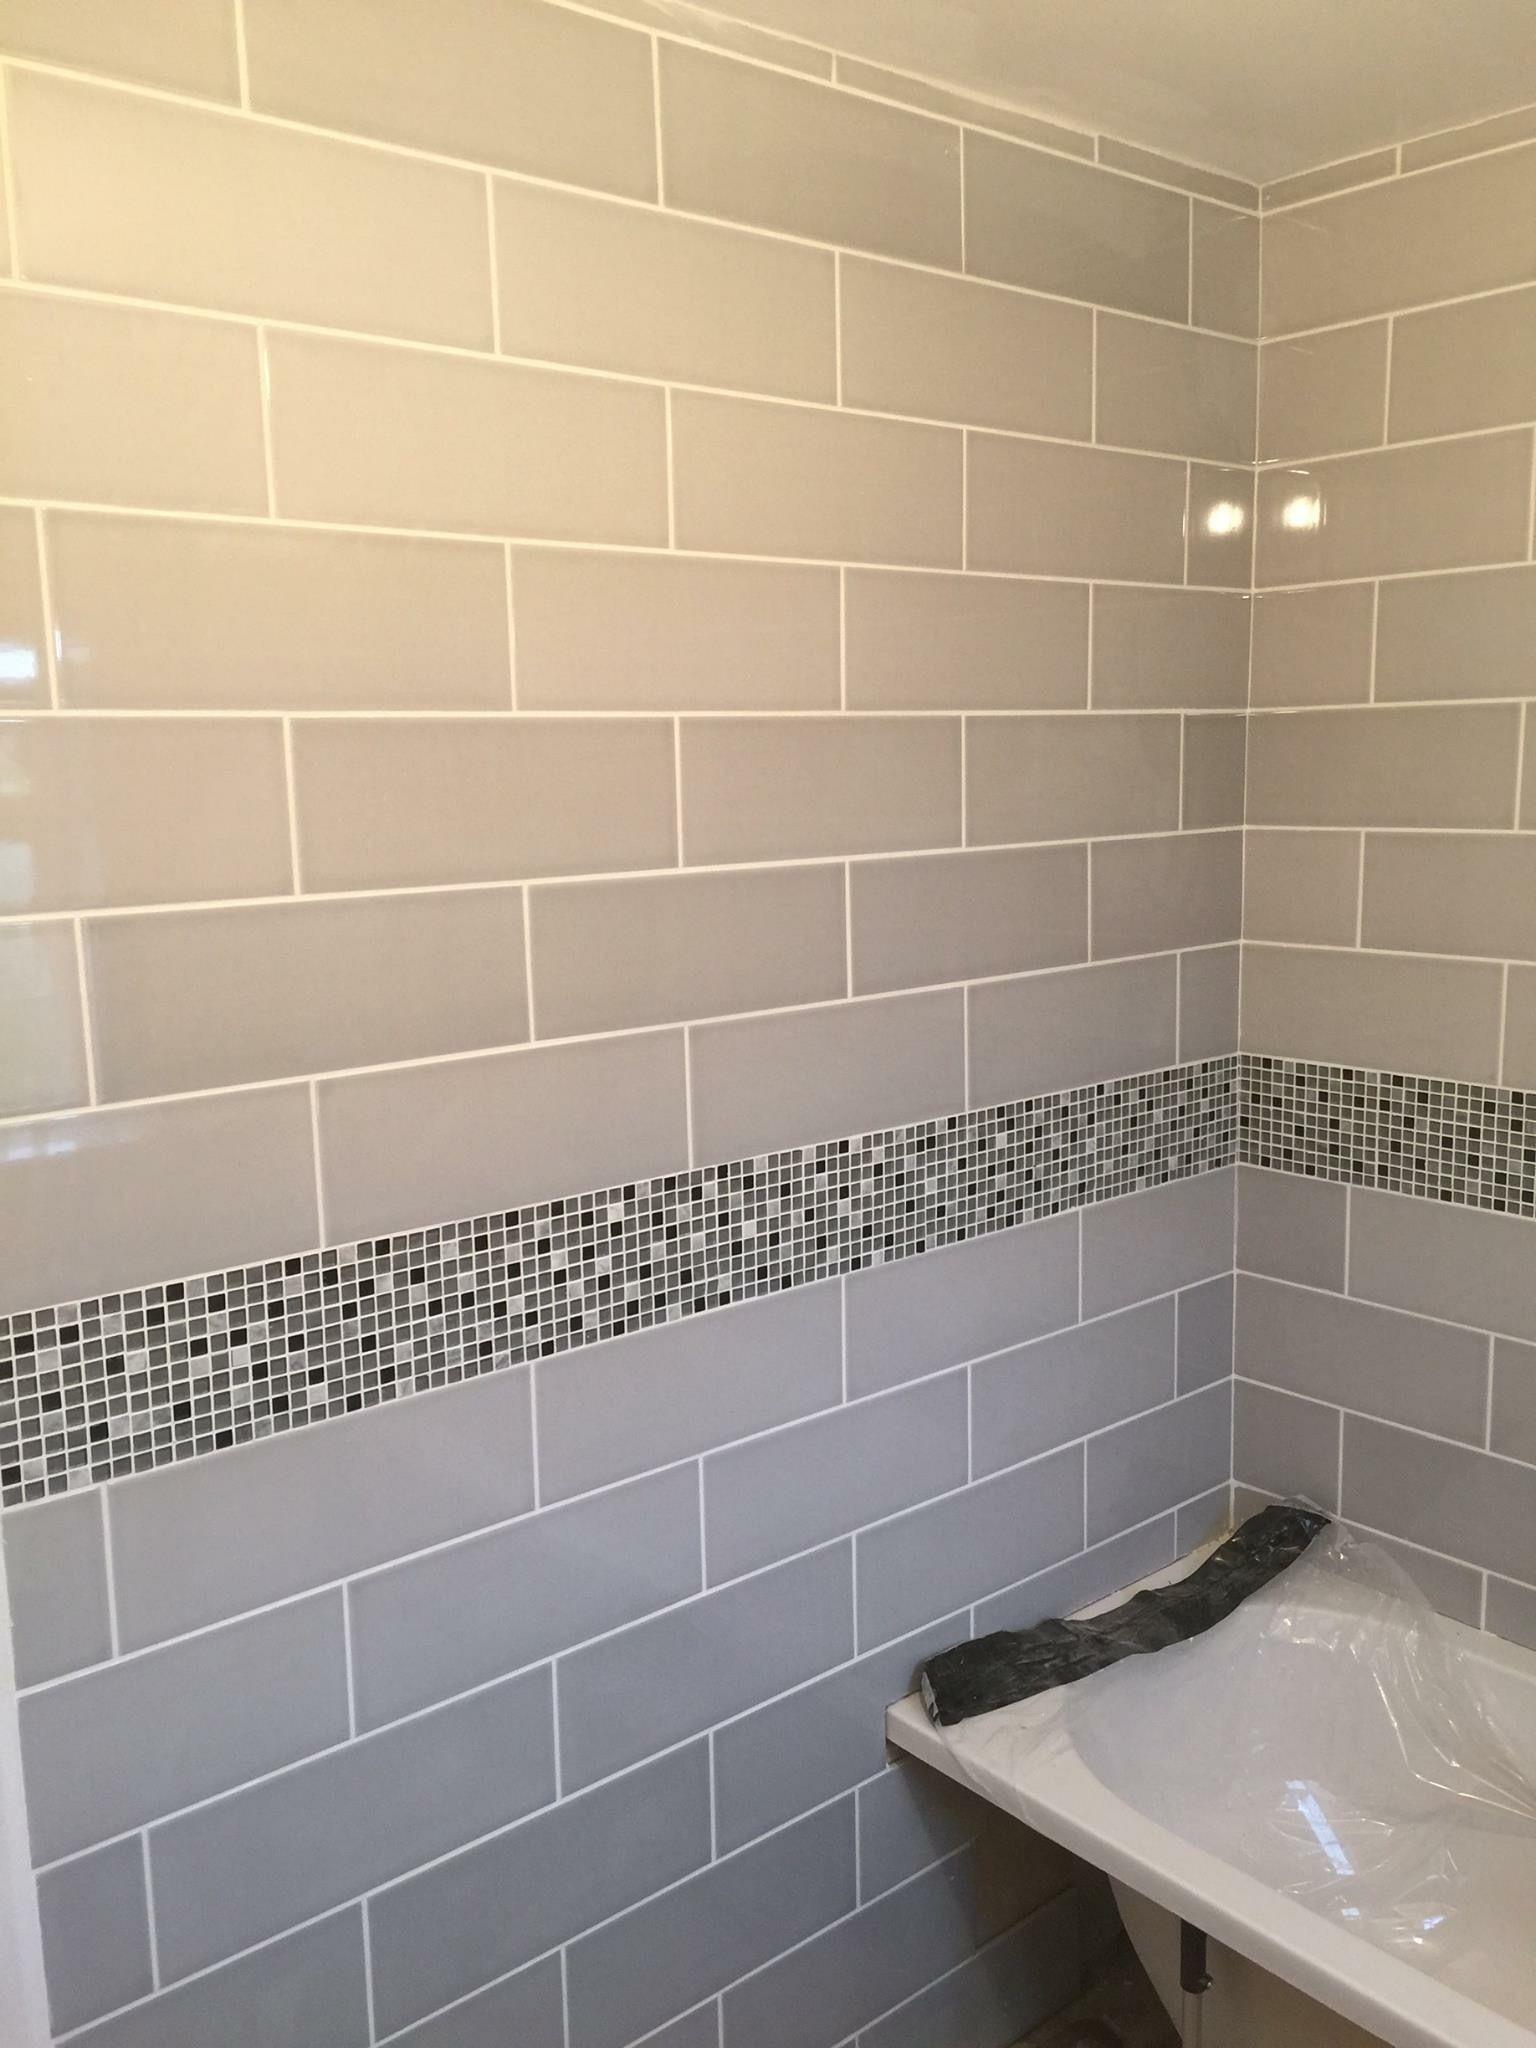 Attingham Mist Wall Tile With Mosaic Border Bathroom Wall Tile